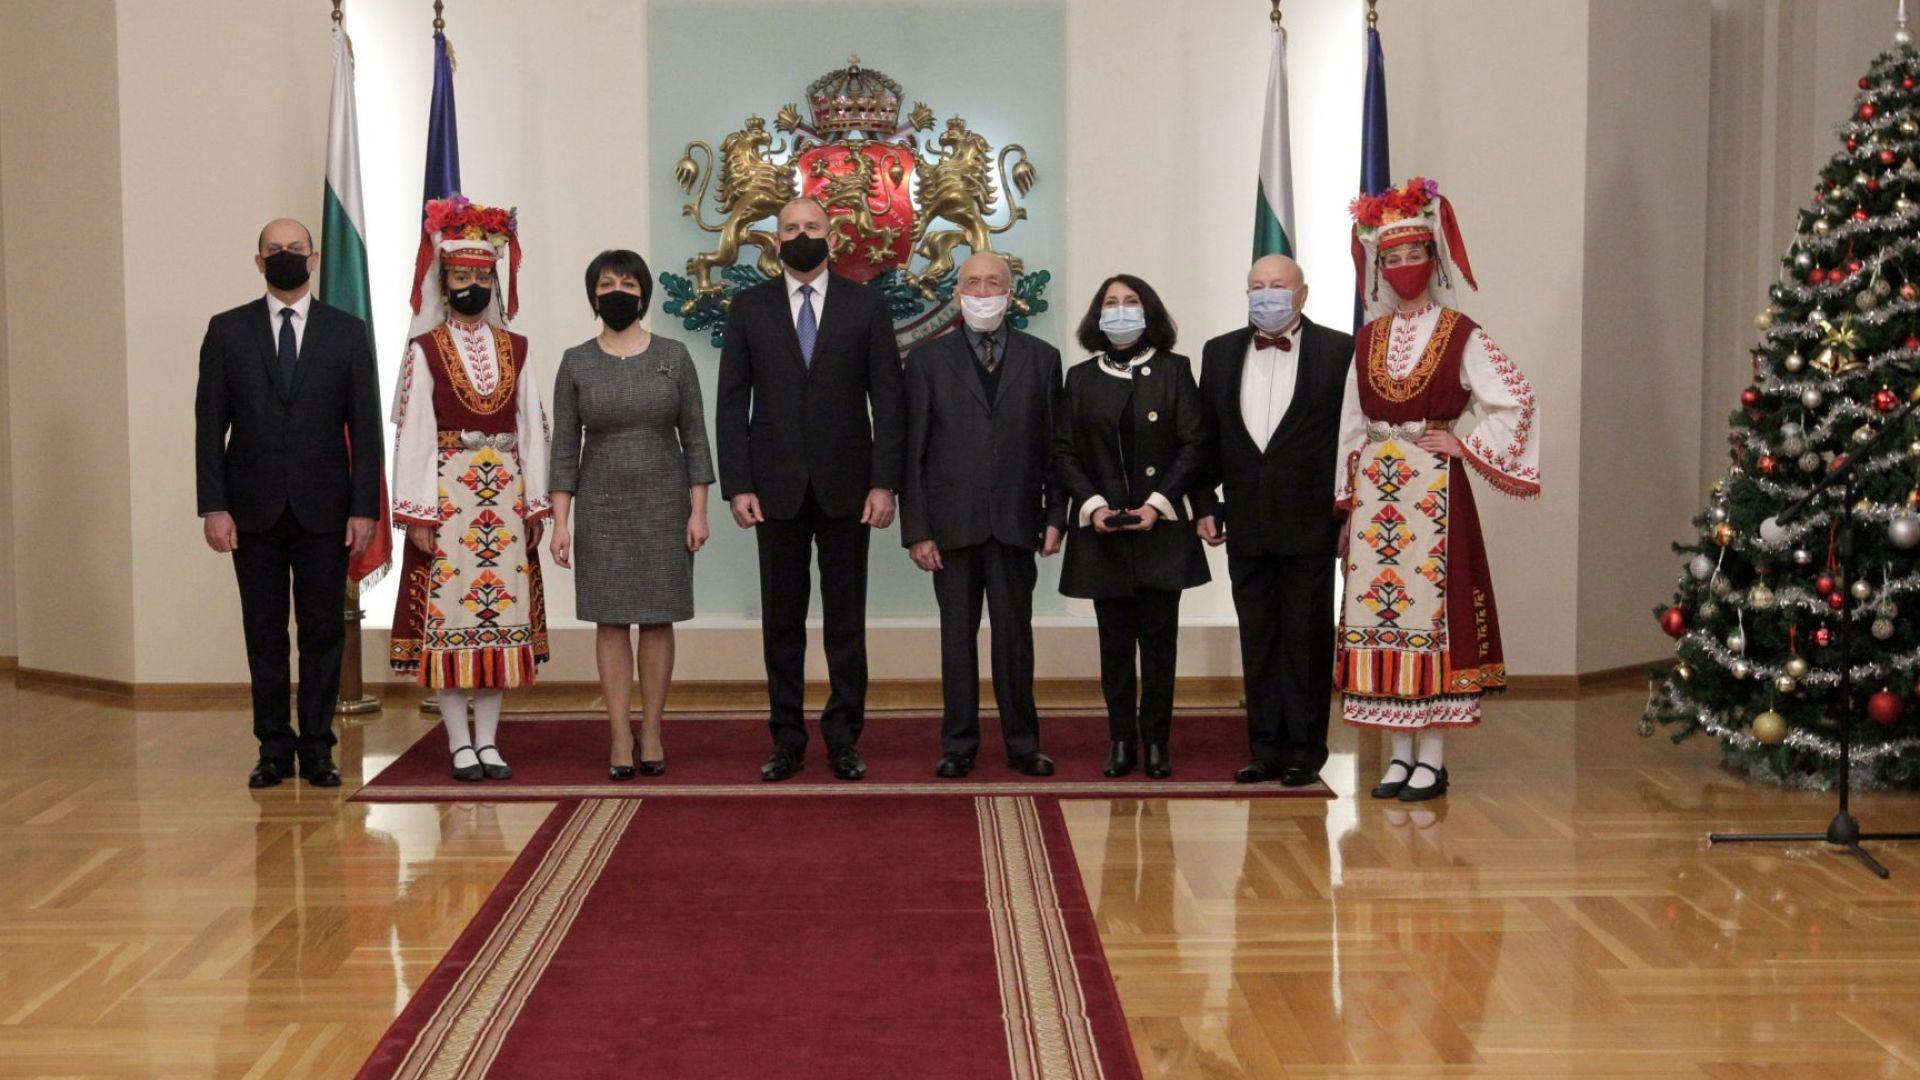 Президентът награди дейци на науката, изкуството и културата (снимки)